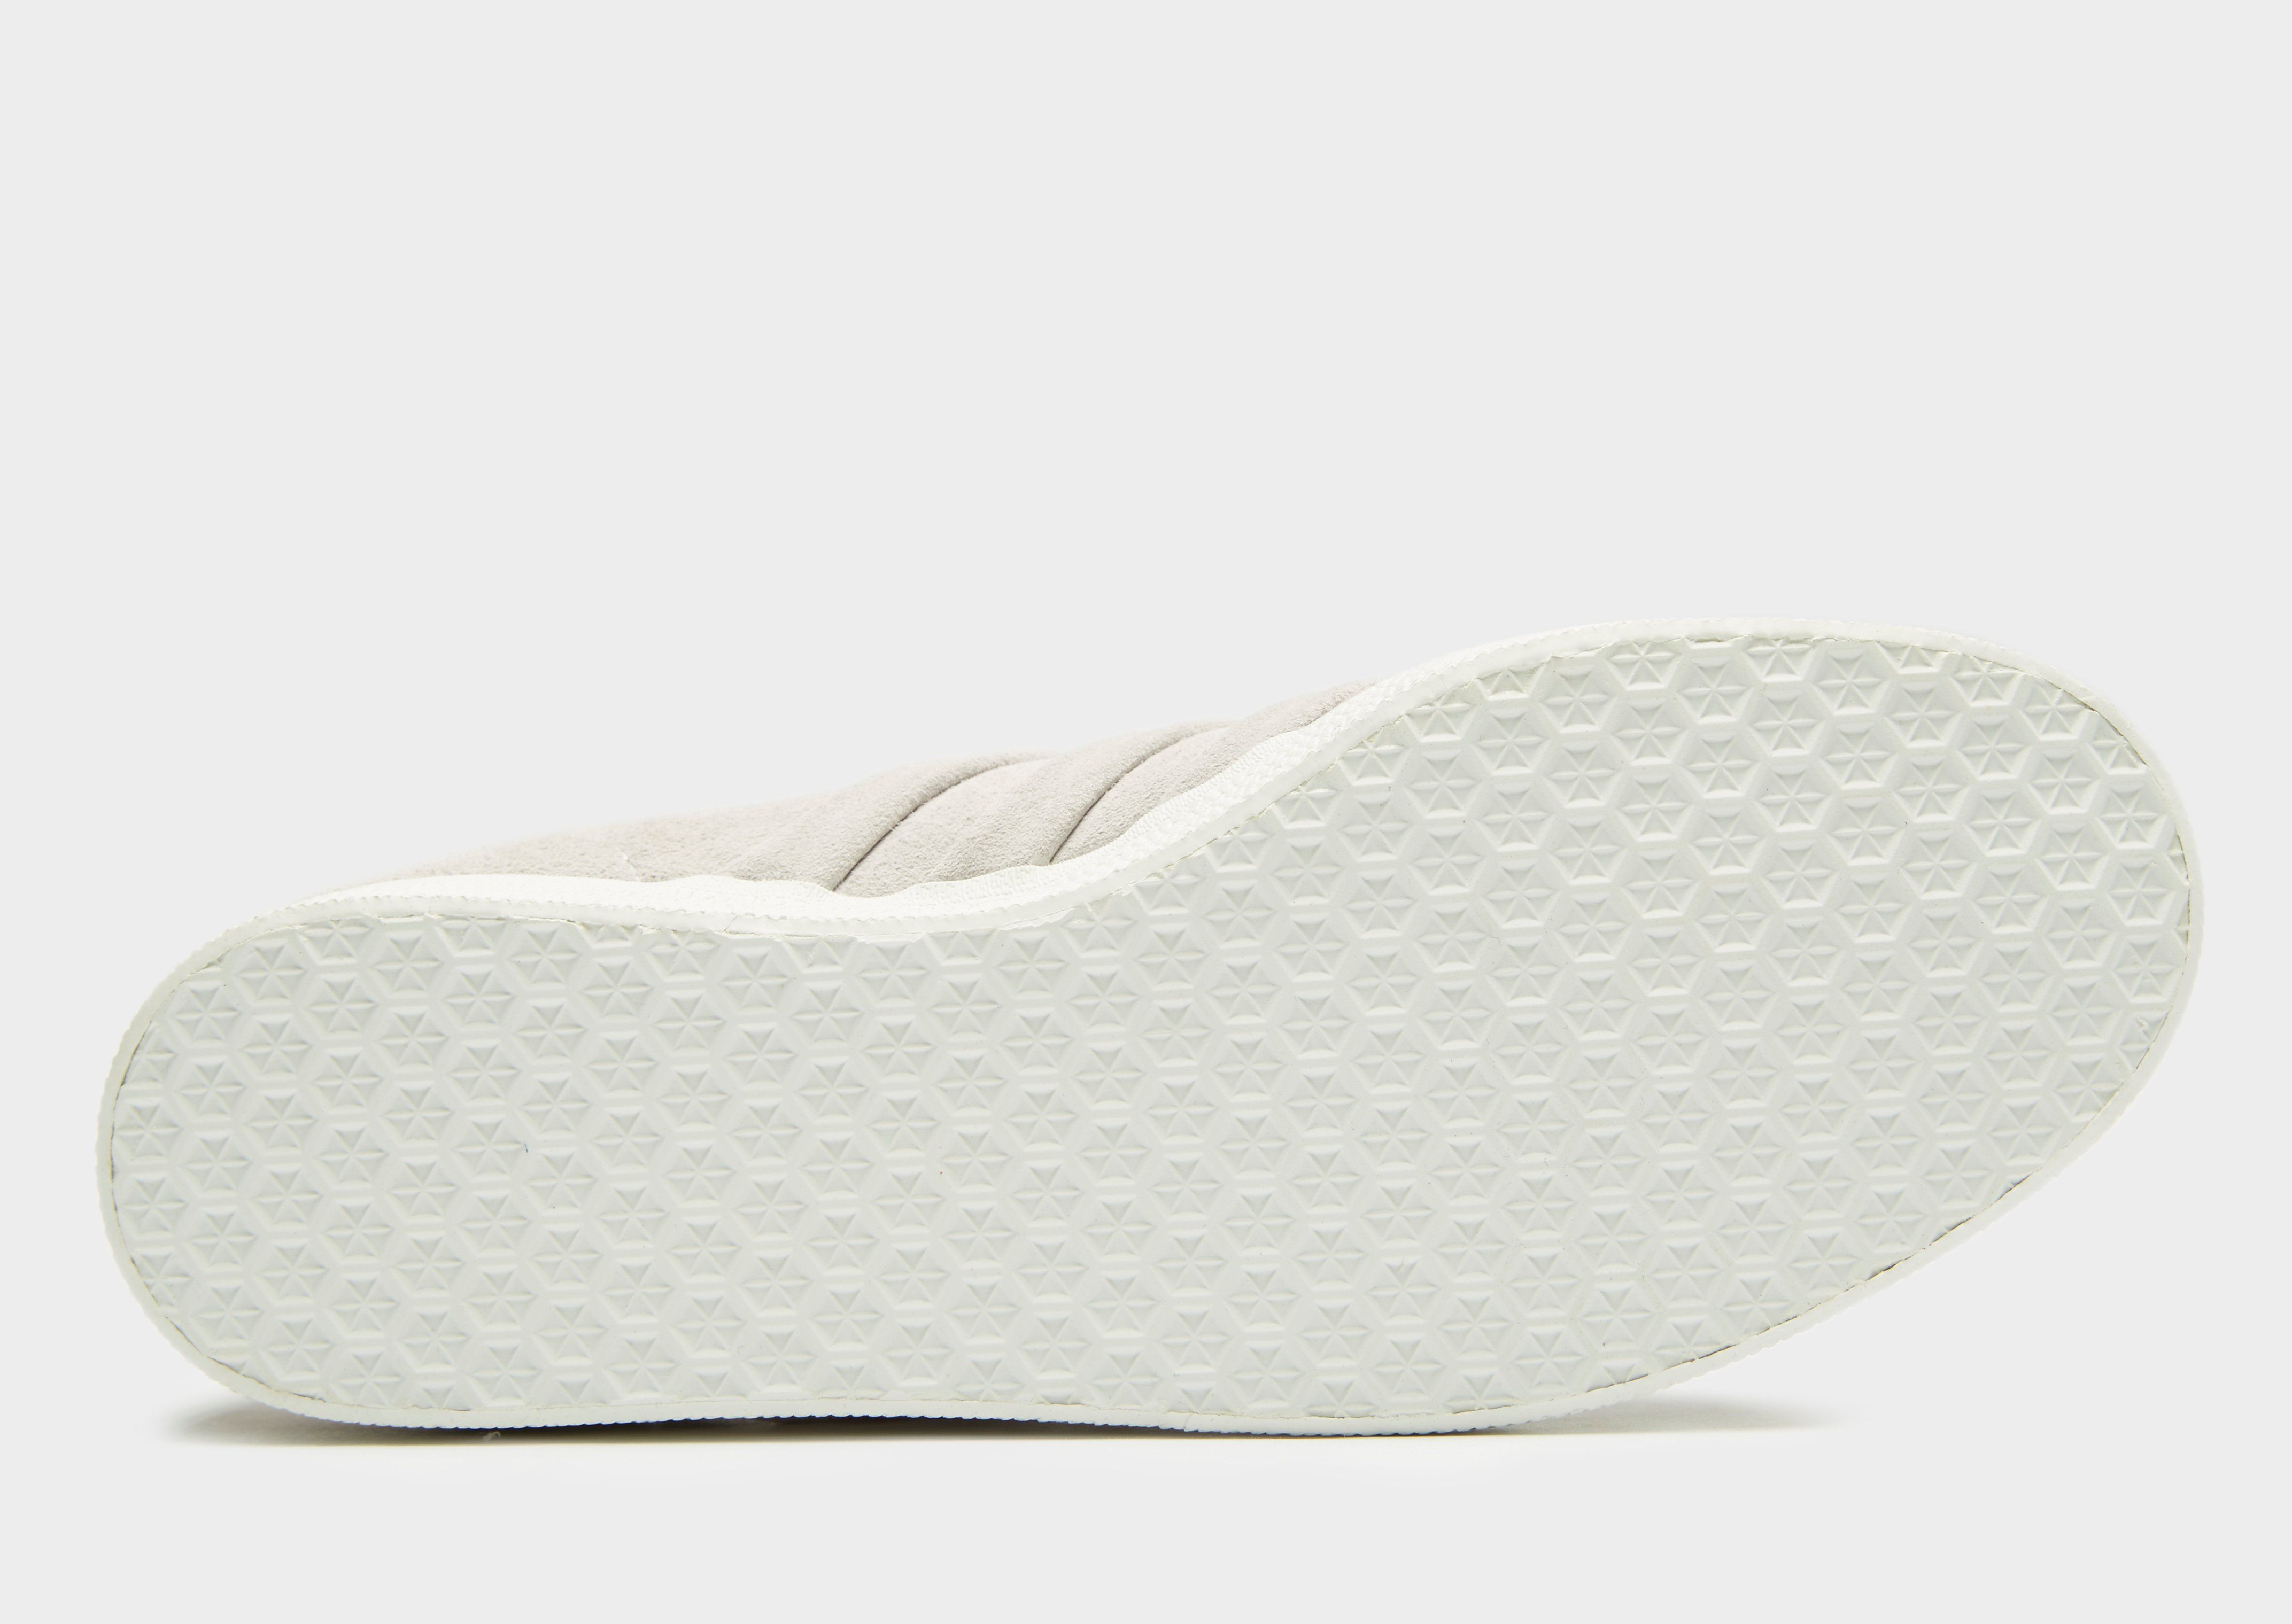 100% Authentisch adidas Originals Gazelle Stitch and Turn Damen Grau Auslass Freies Verschiffen UenqGLi6